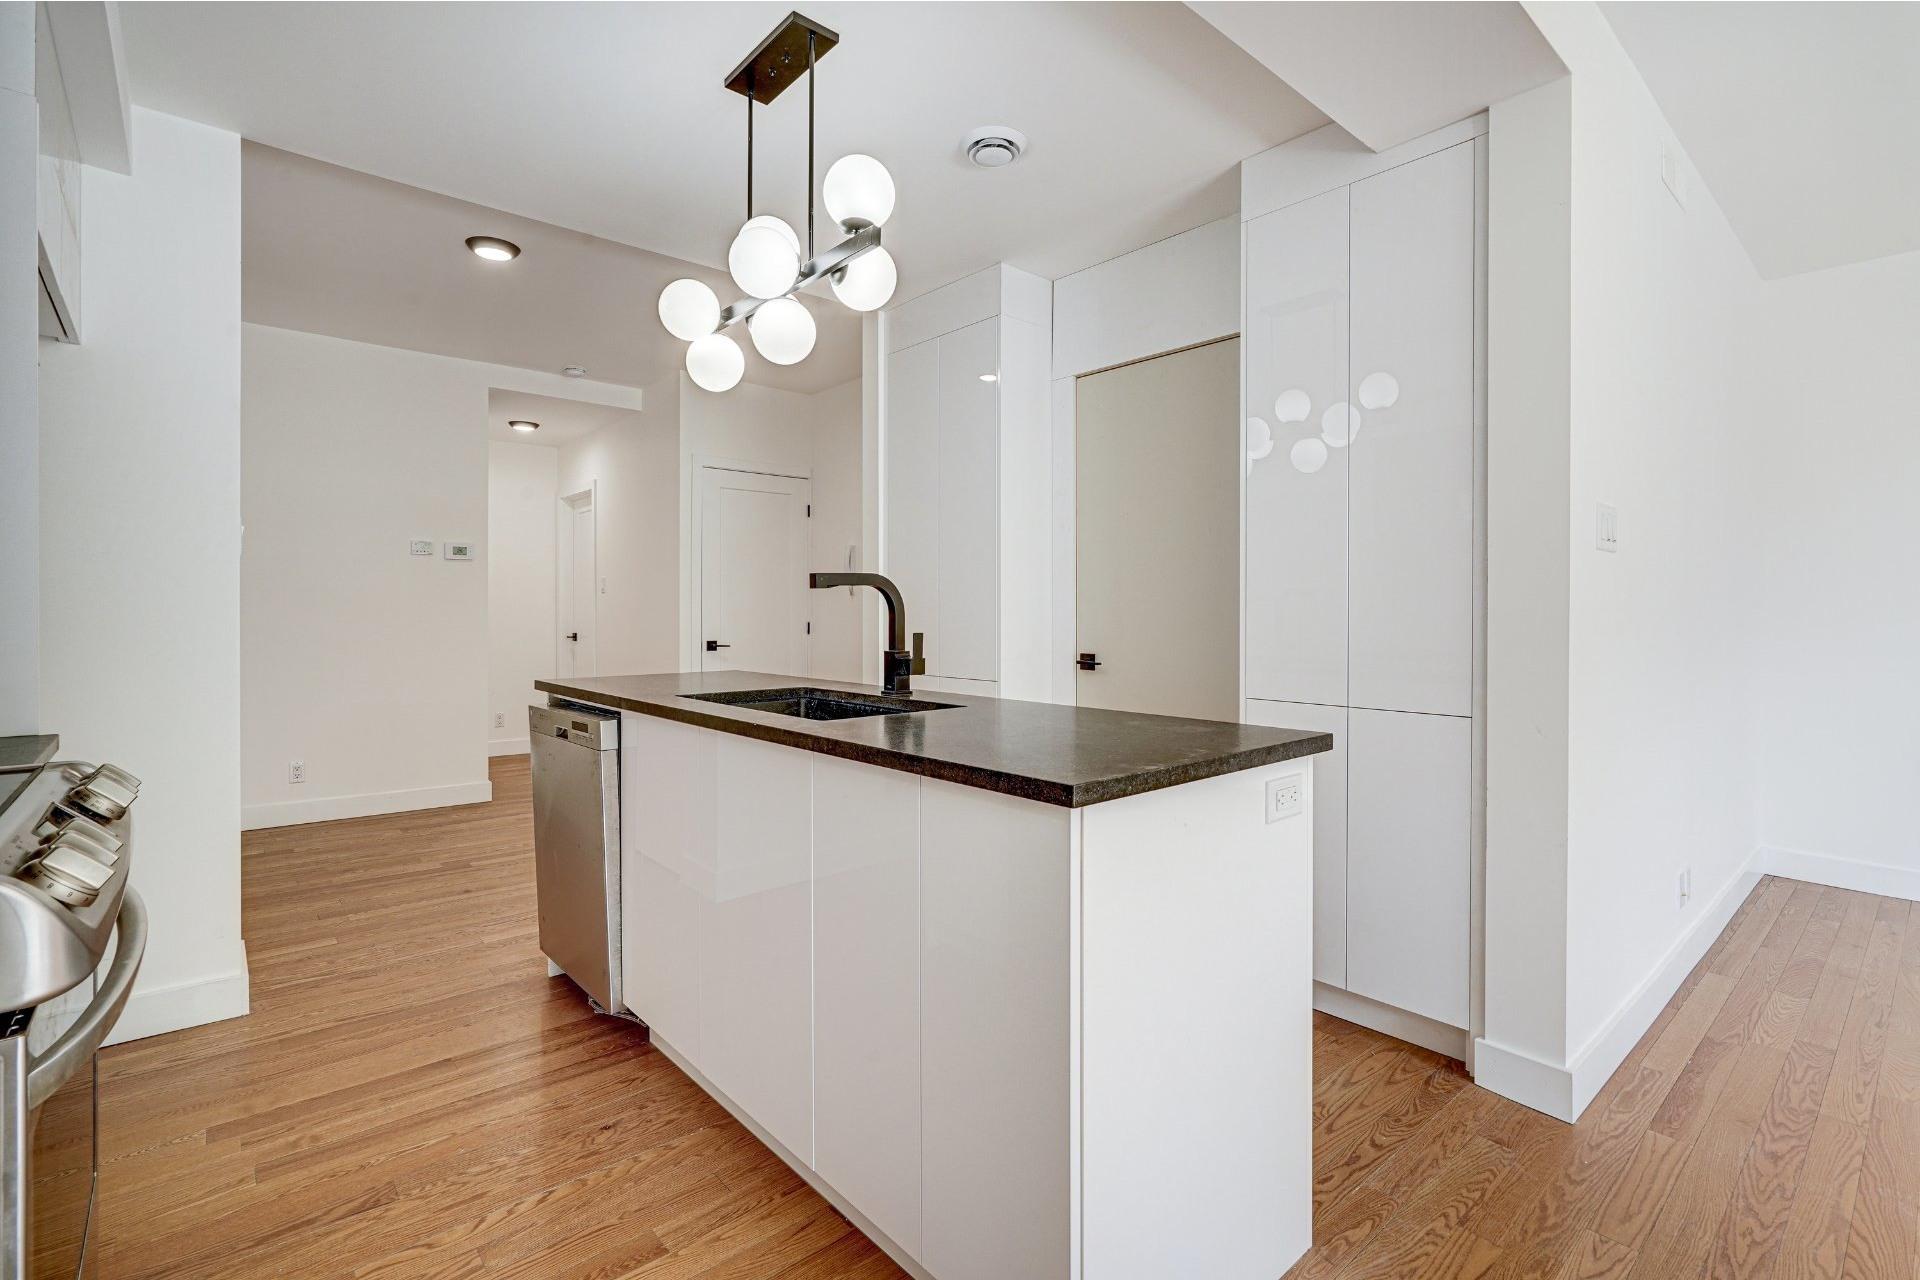 image 8 - Apartment For sale Lachine Montréal  - 6 rooms